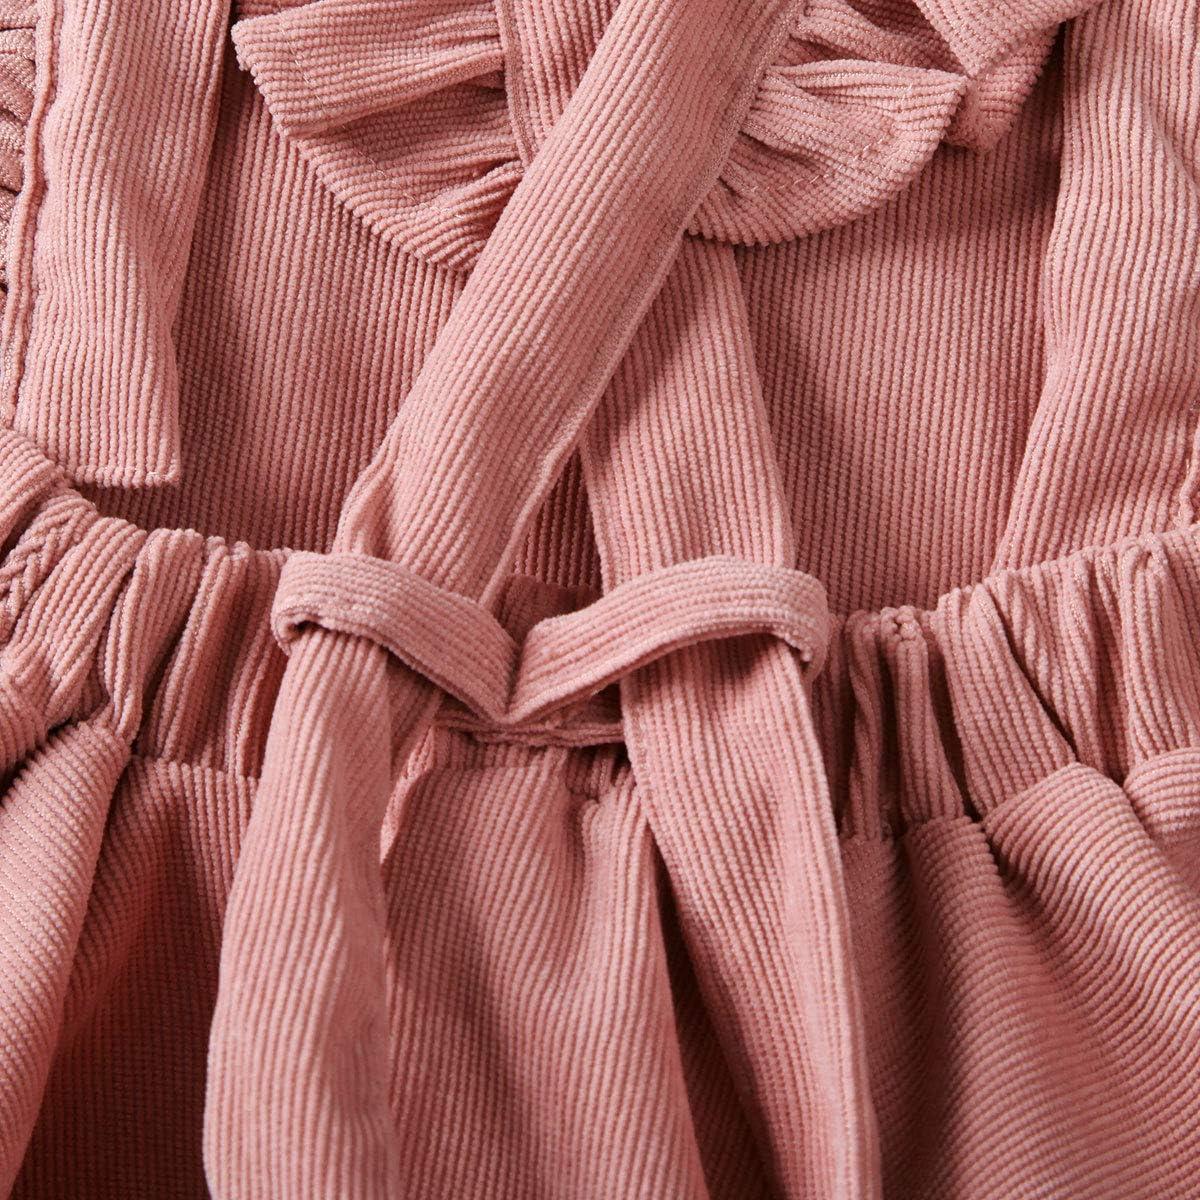 MERSARIPHY Toddler Tutu Dress Infant Sleeveless Vest Skirt Baby Backless Cute Romper for Girl Ruffle Skirt Ages for 6Mos-5T